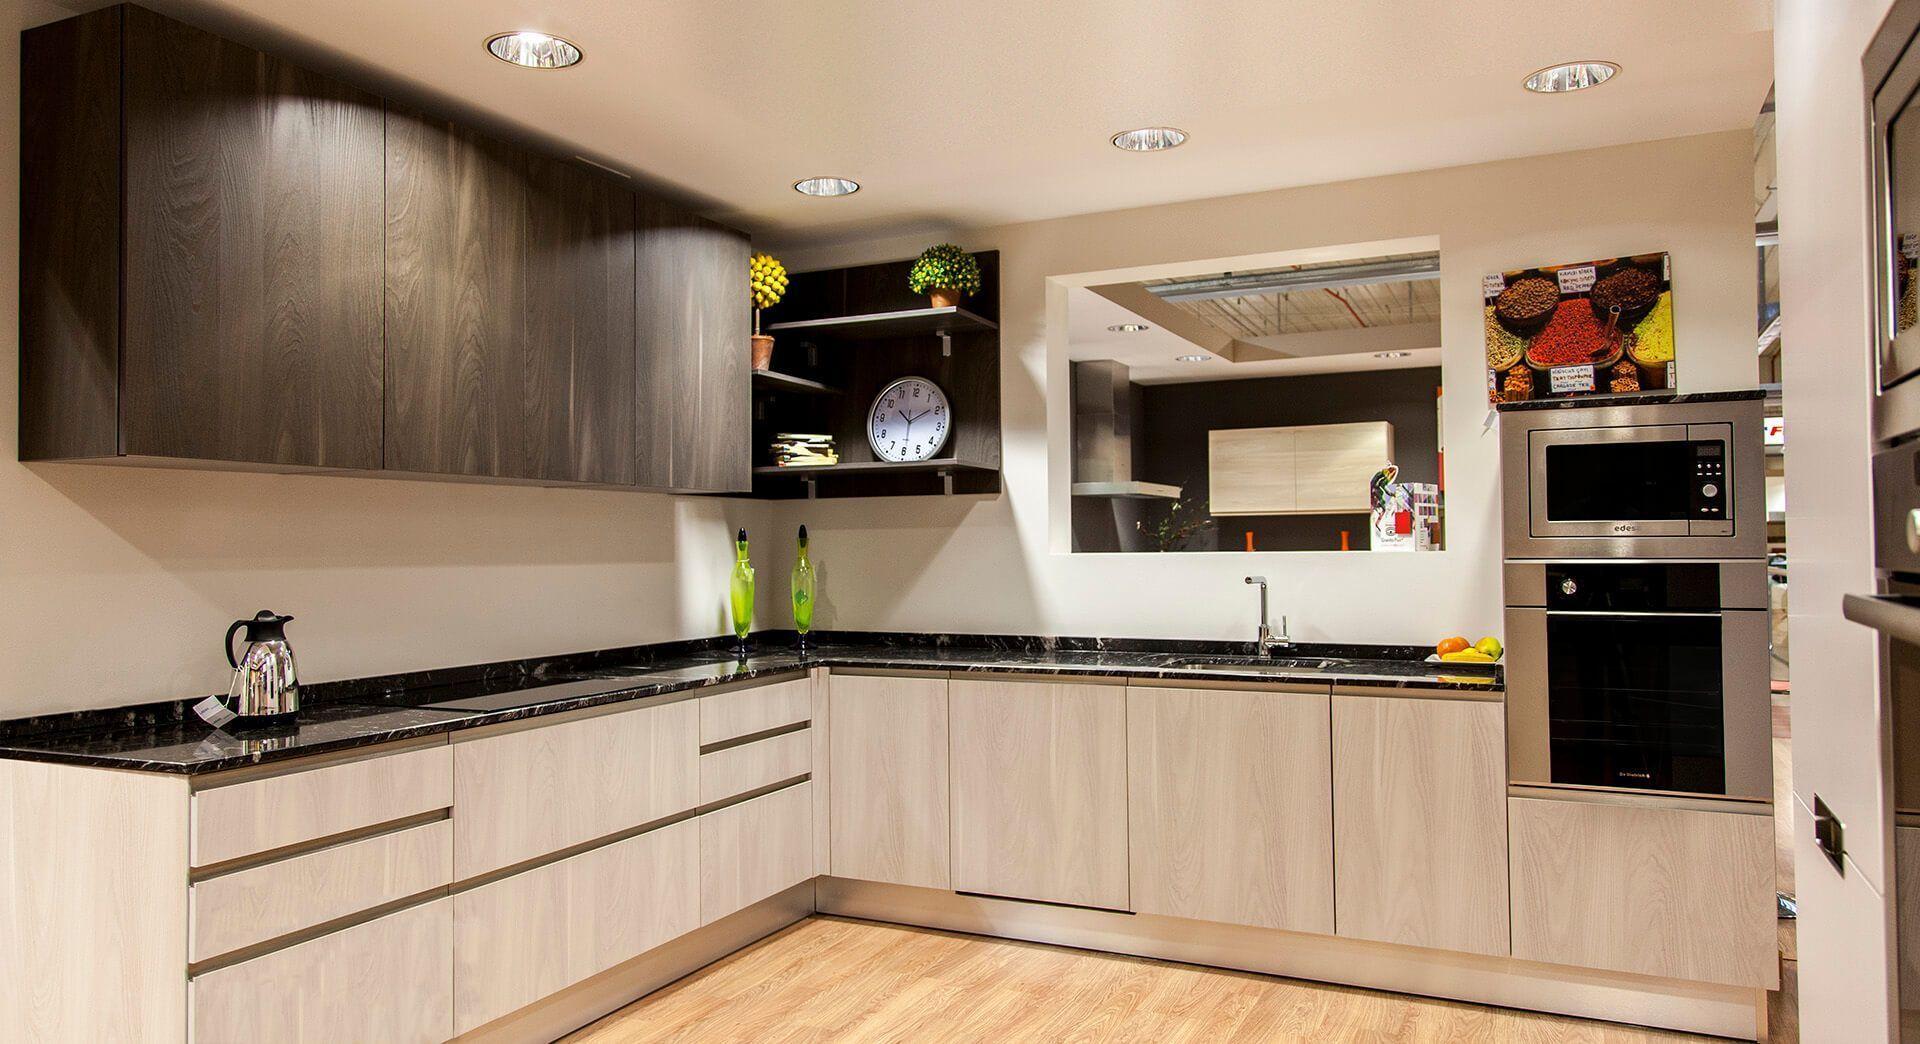 Fabricantes de muebles de cocina madrid catalogo muebles for Simulador de muebles de cocina